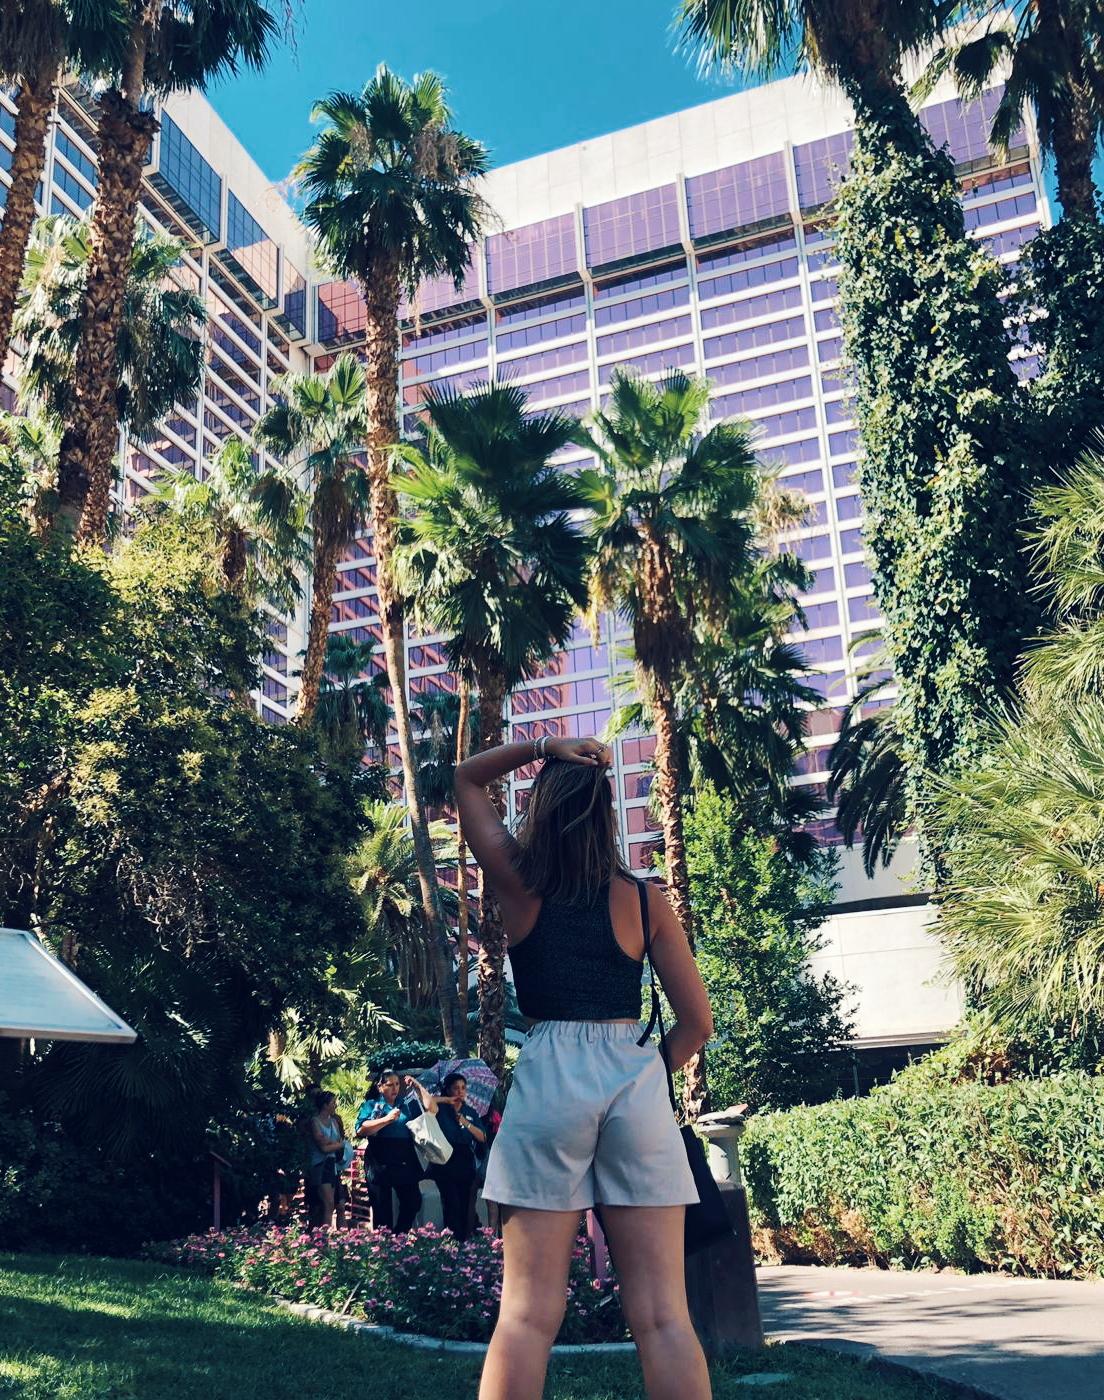 המלצות לאס וגאסthings to do all the hotels las vegas